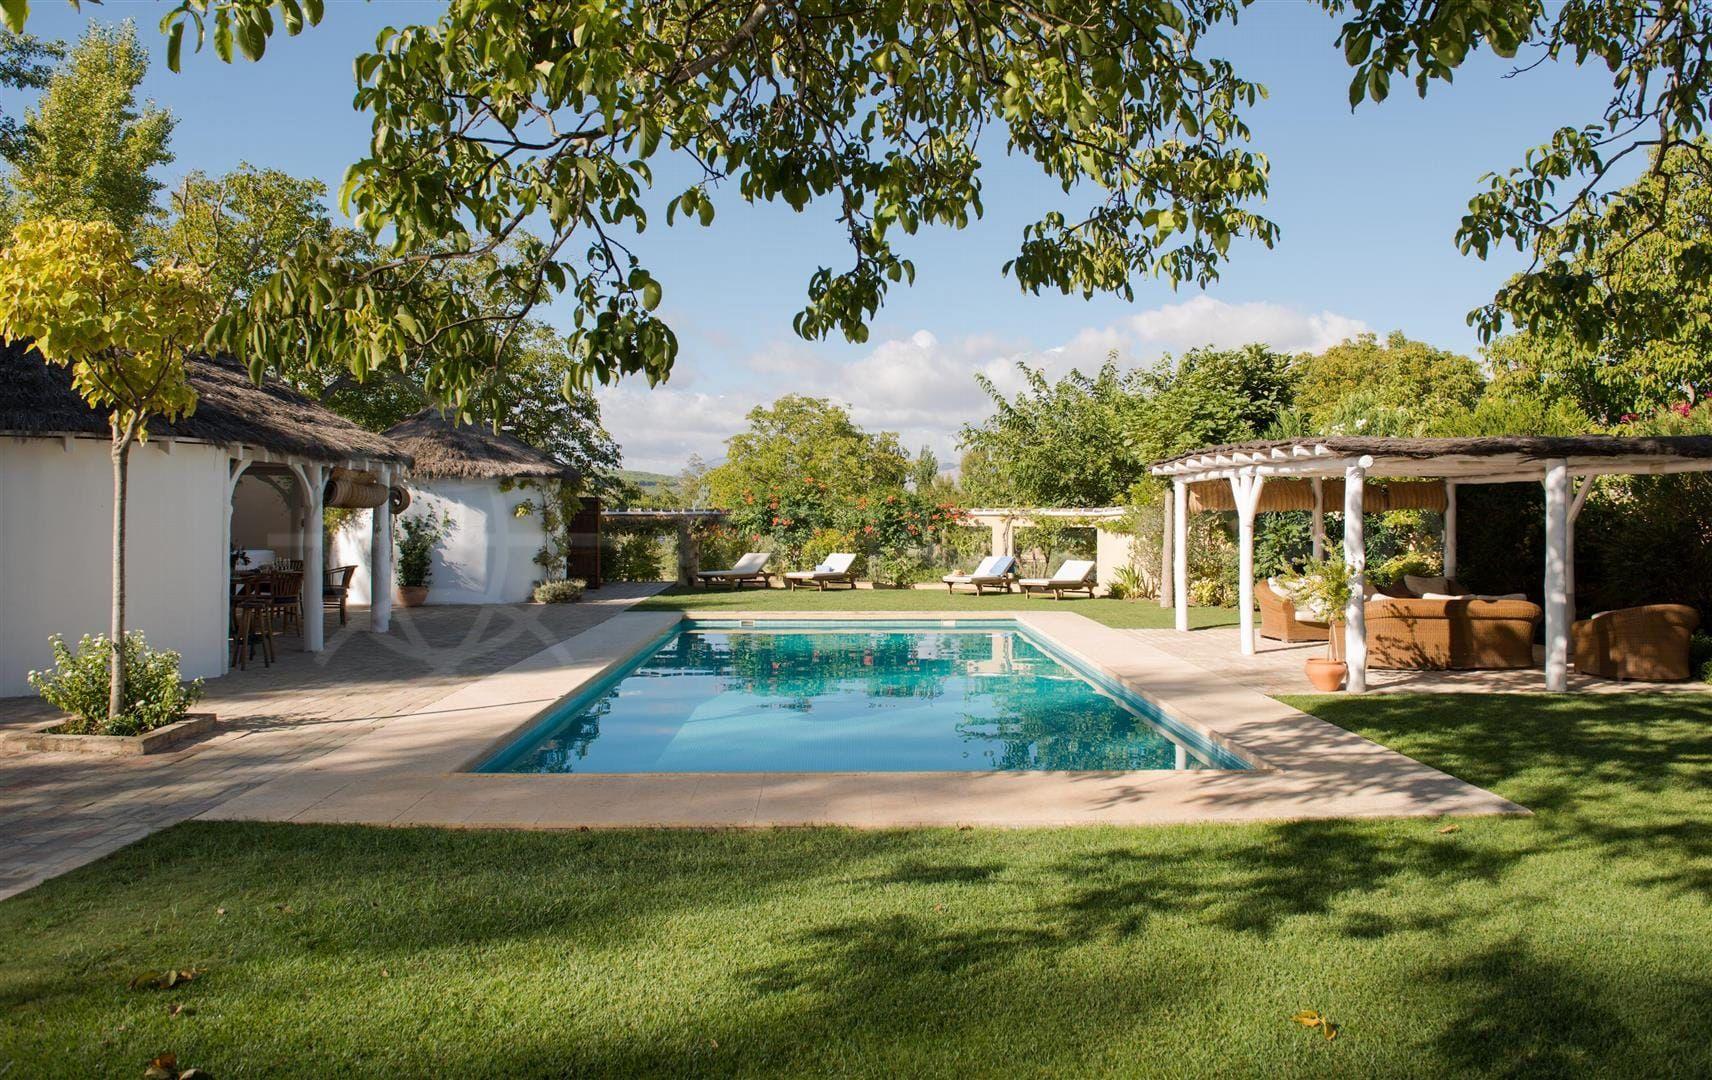 Недвижимость в Ронда с бассейном